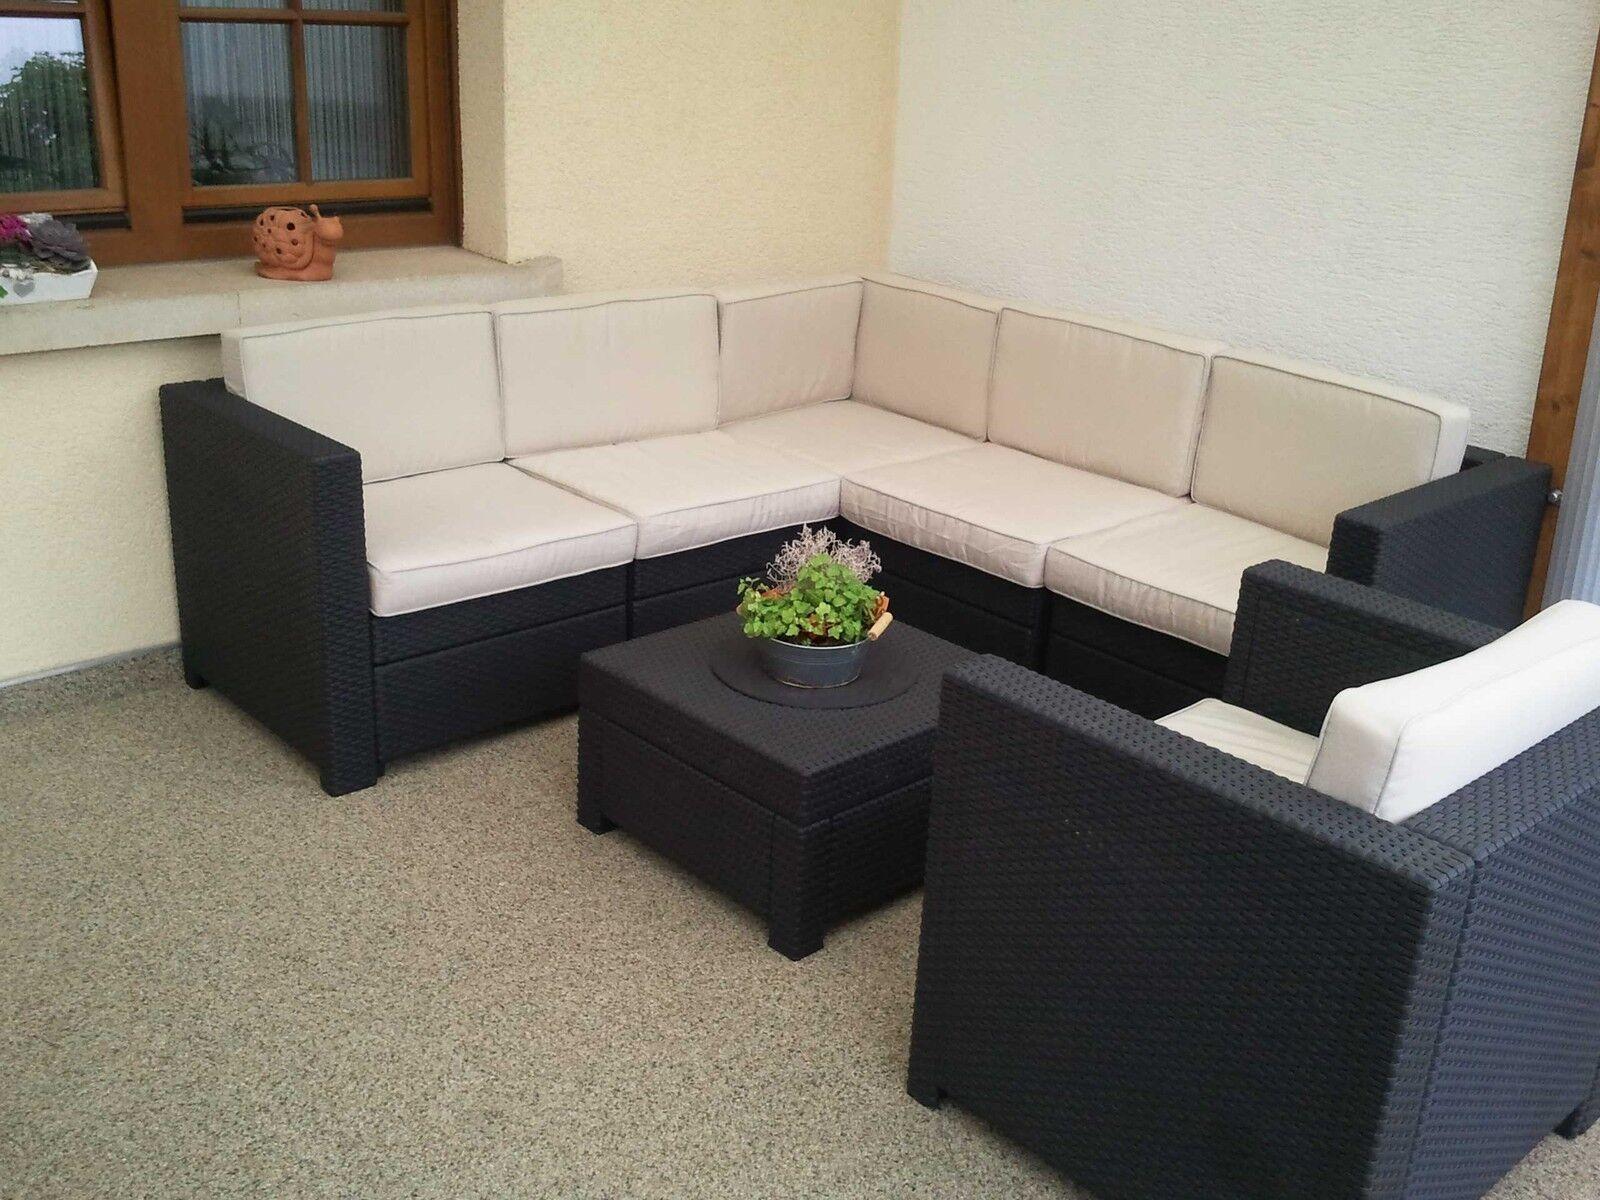 2,4 m² SET 6010 Steinteppich + Bindemittel  Bad Büro Wohnbereich